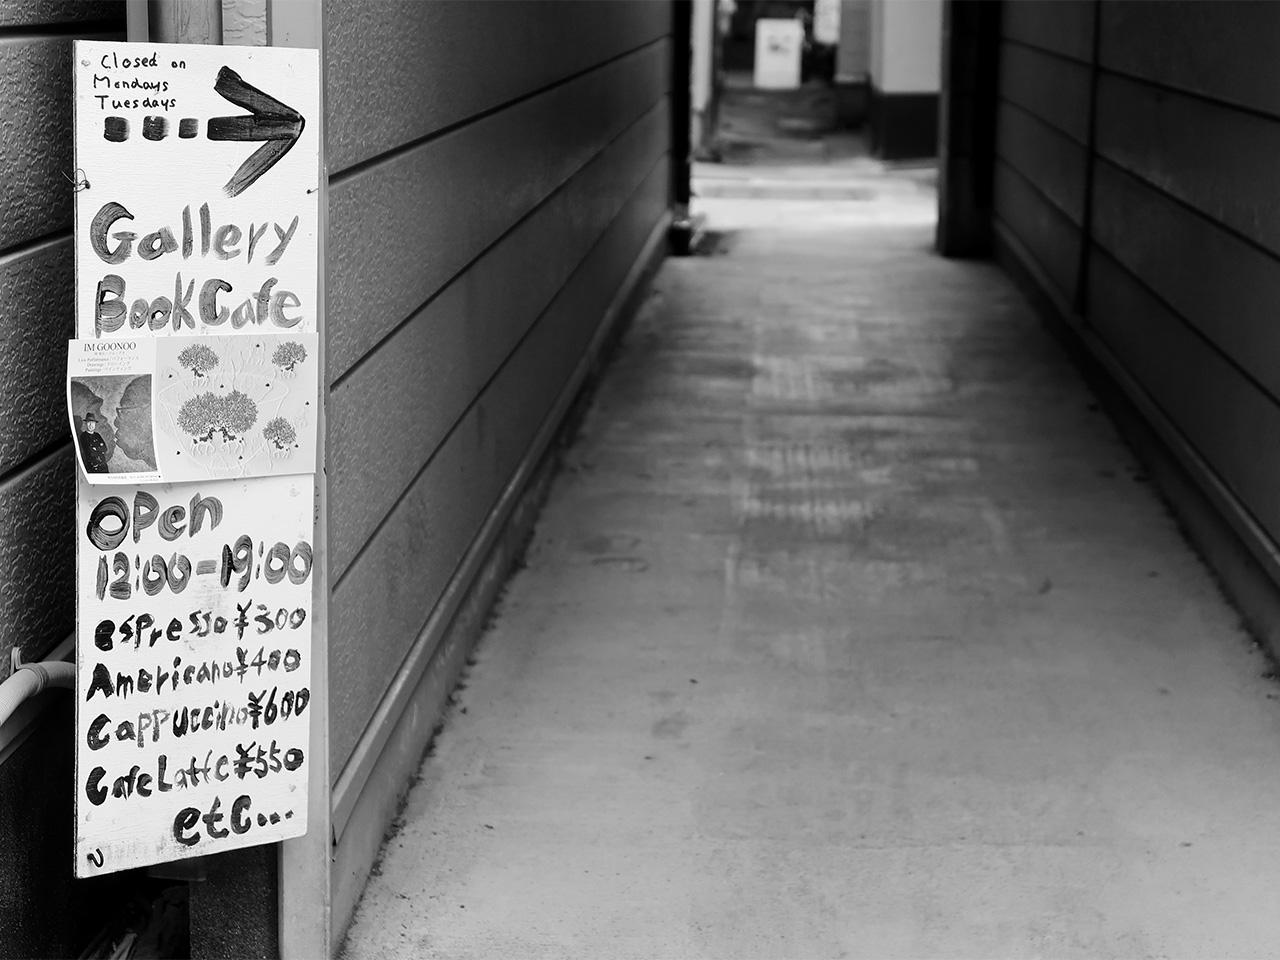 芦屋画廊kyoto 入り口の路地(モノクロ)